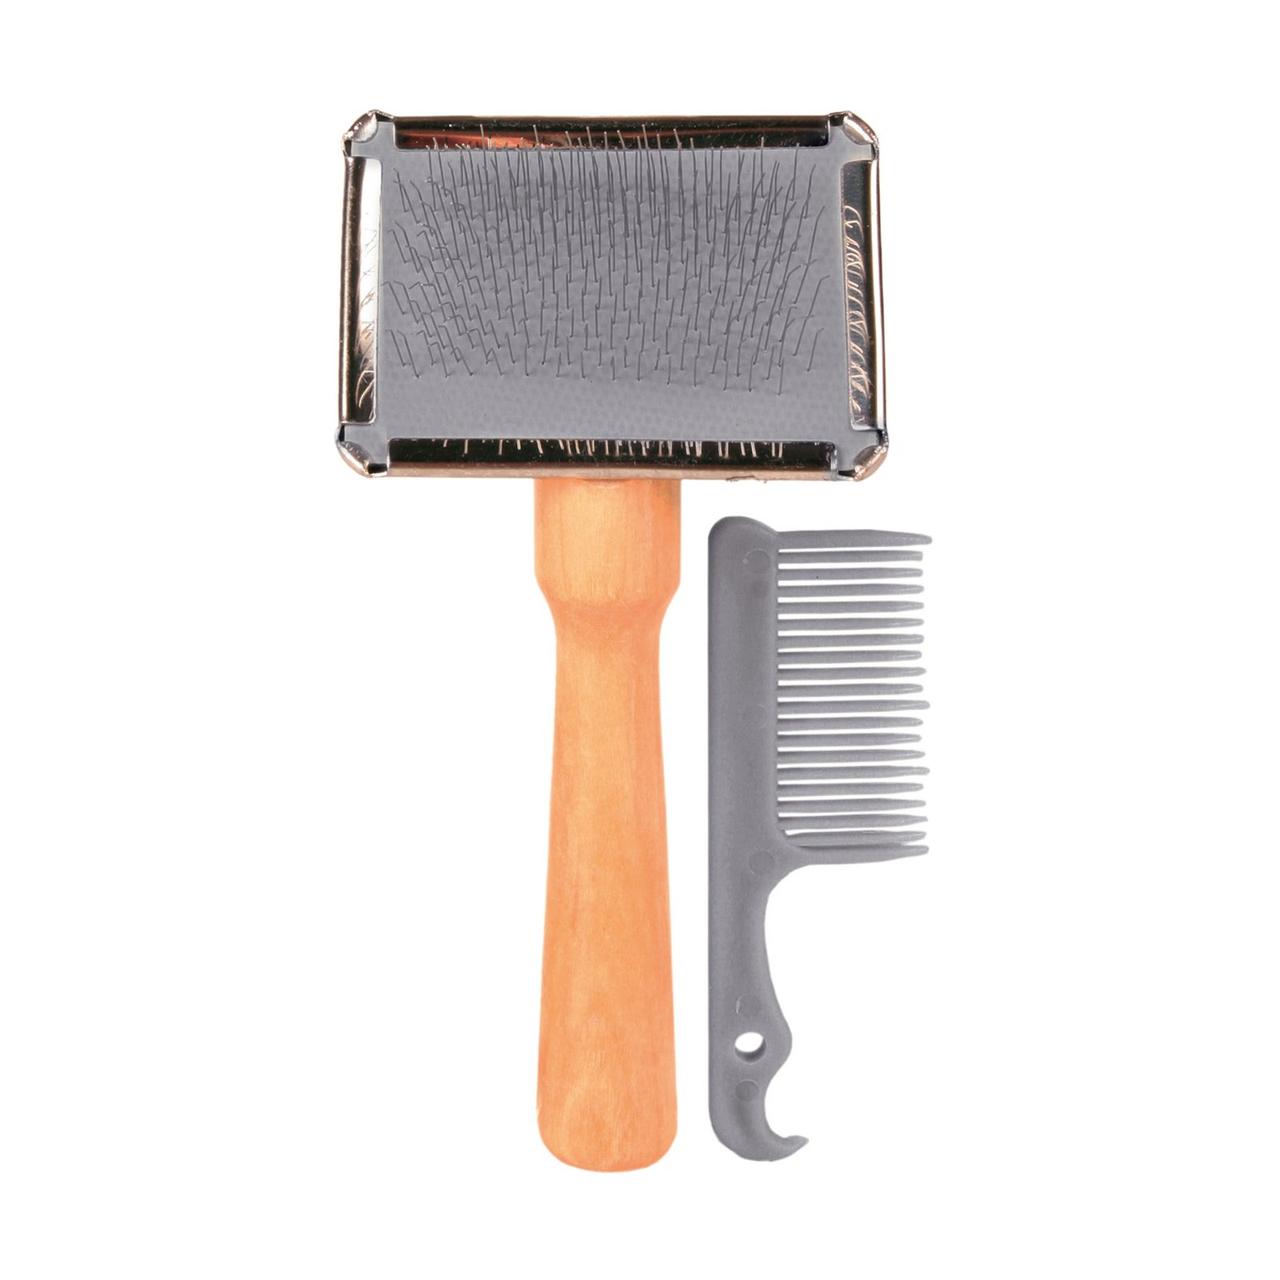 Щётка-пуходёрка с деревянной ручкой и пластиковая расчёска Trixie 6 см / 13 см, набор